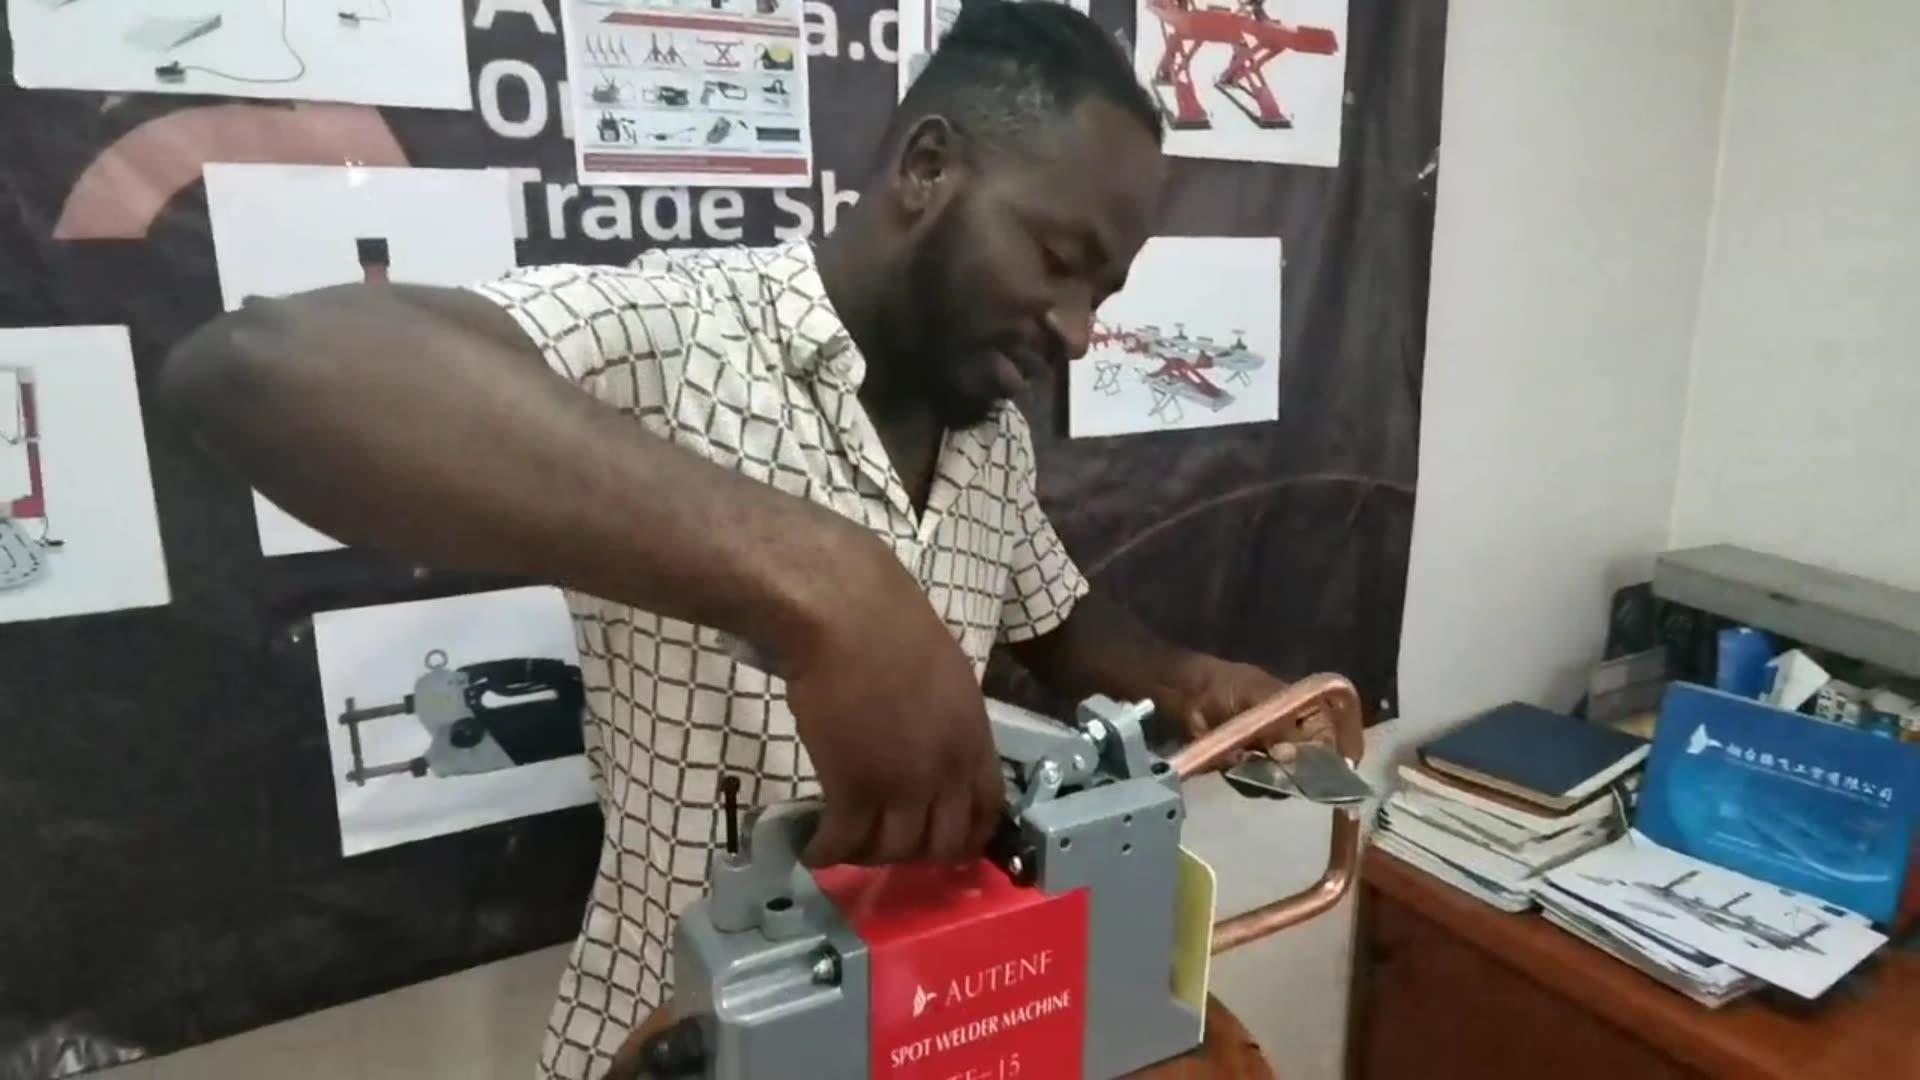 Автоматический импульсный мини-точечный сварочный аппарат/портативный точечный сварочный аппарат/мини-точечный сварочный аппарат